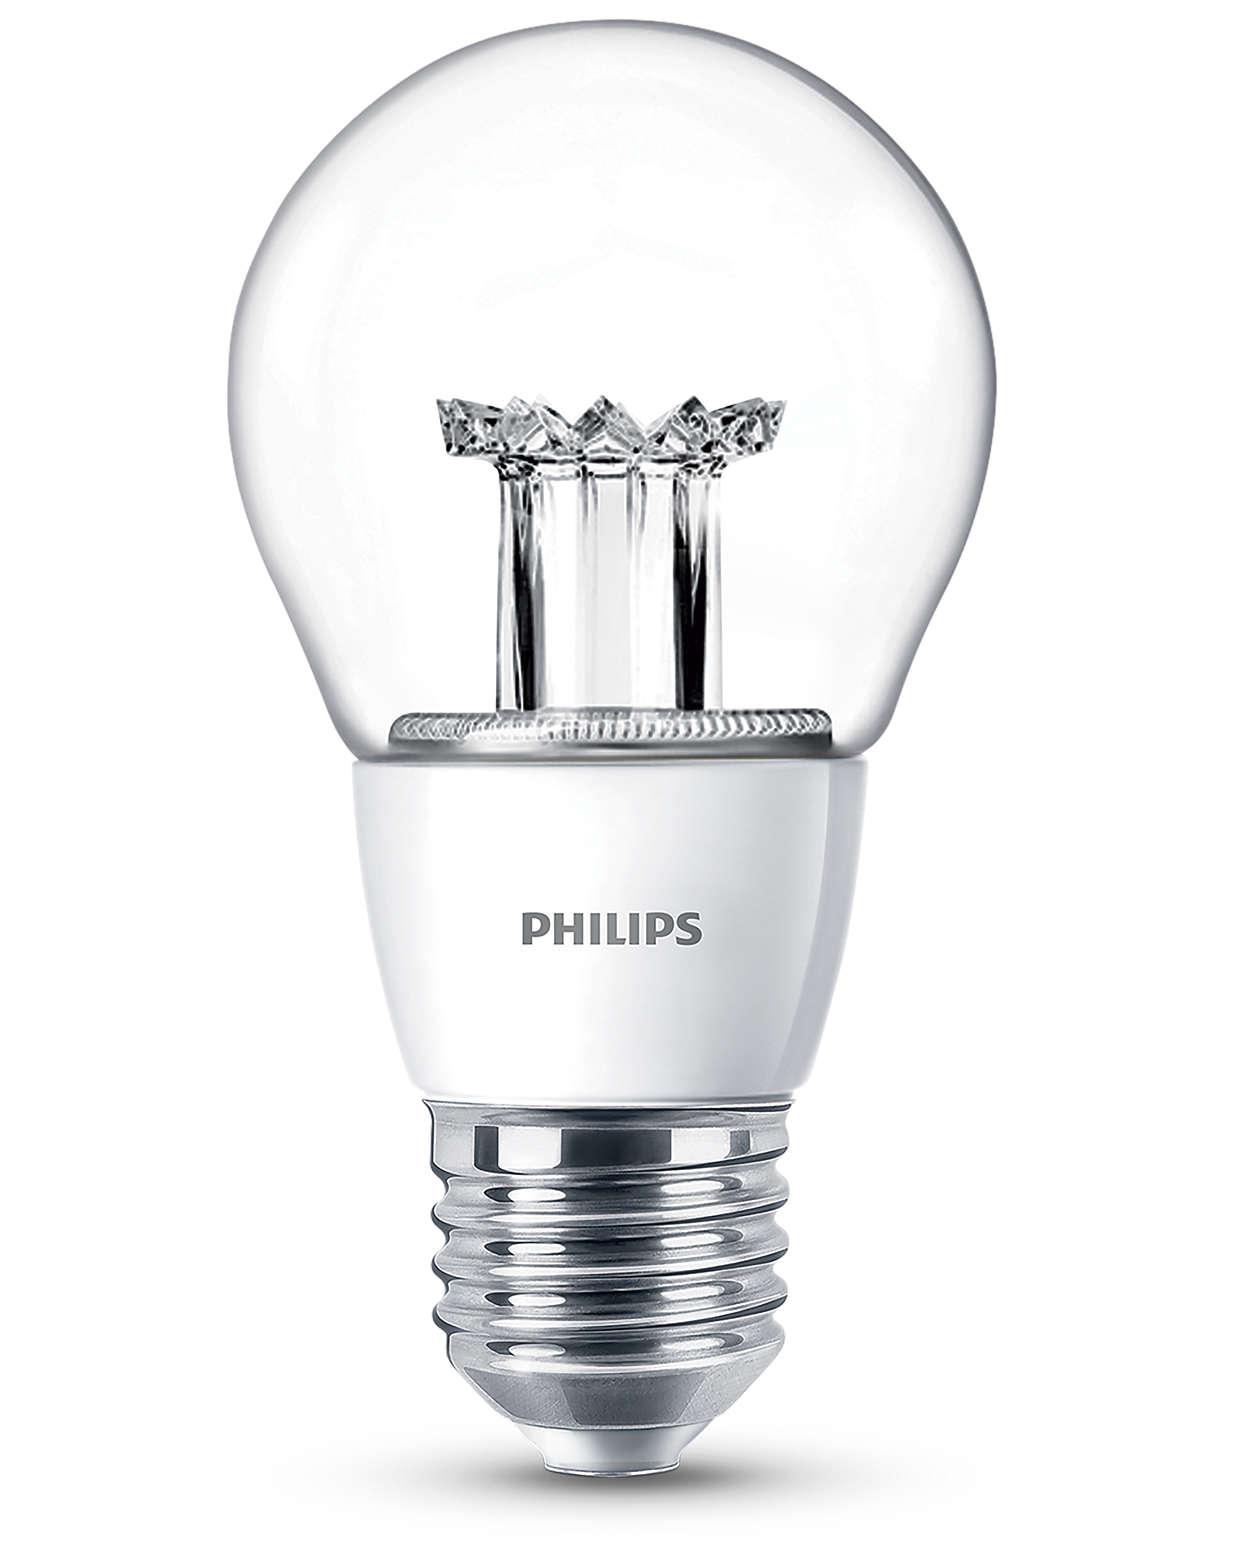 LED Lamp (dimbaar) 8718291762461 | Philips